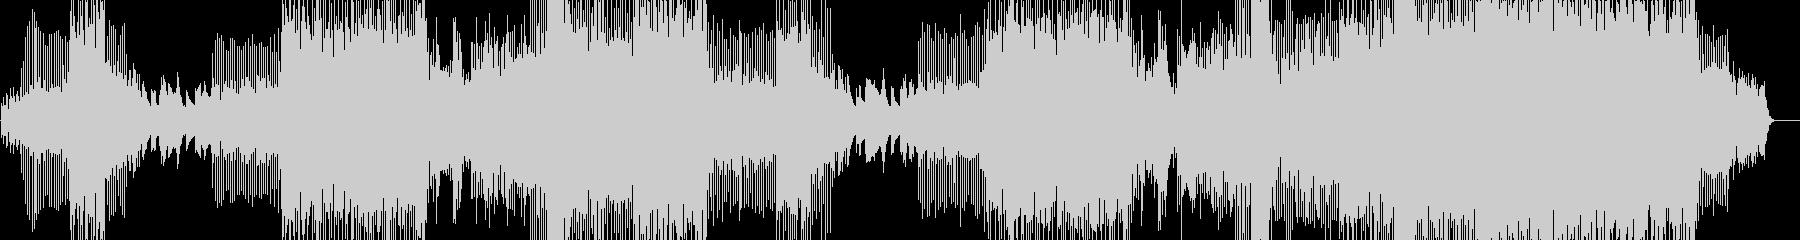 ヒーリング系4つ打ちプログレッシブハウスの未再生の波形